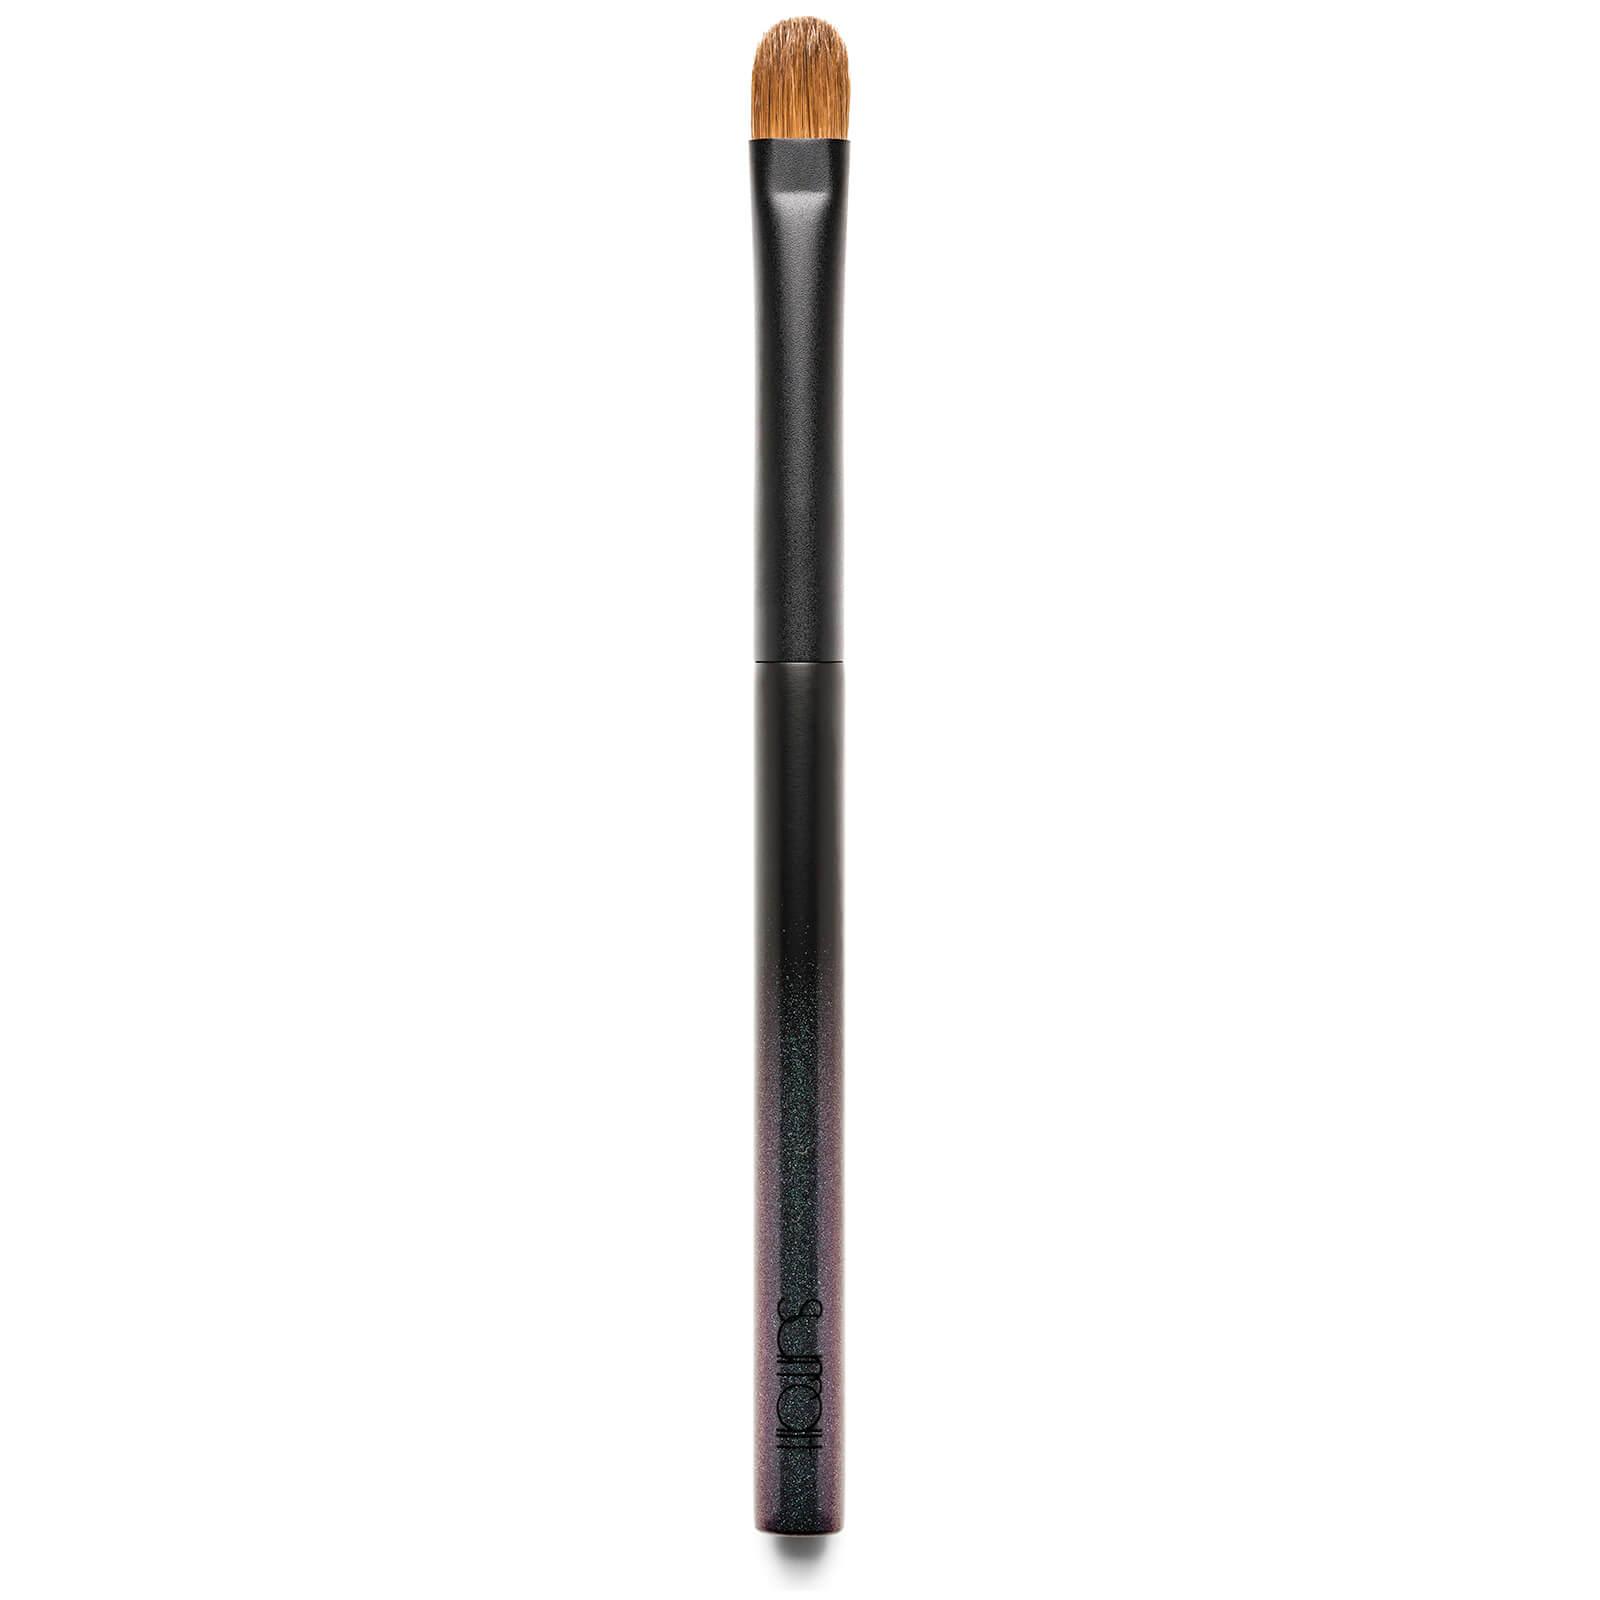 Купить Surratt Artistique Concealer Brush Grande